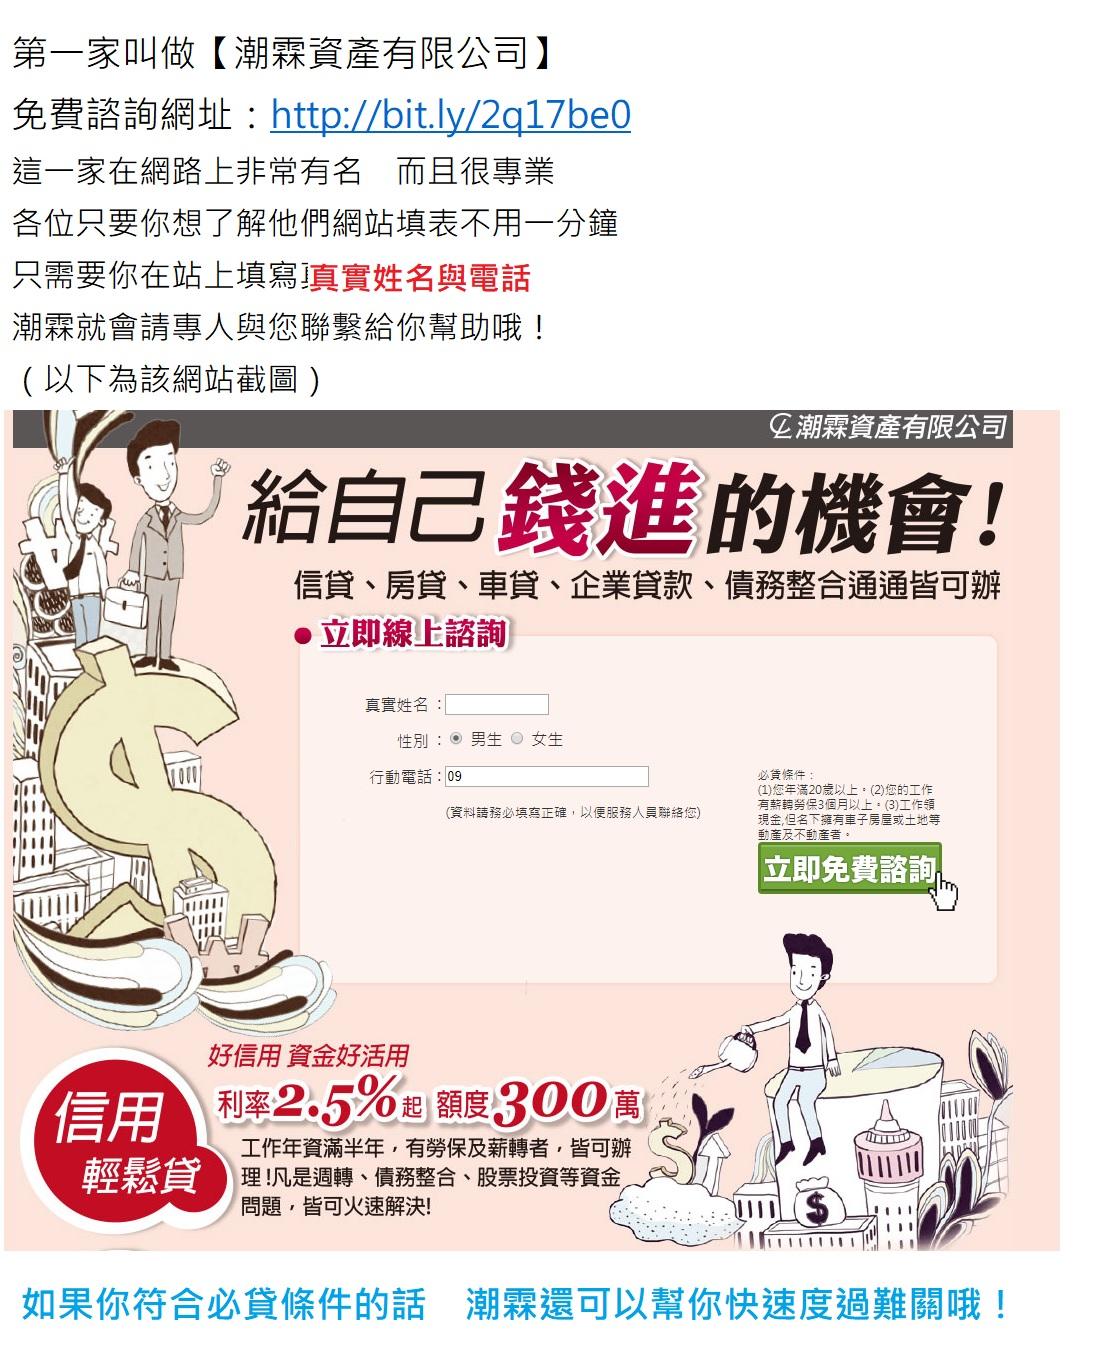 loan0801-2.jpg